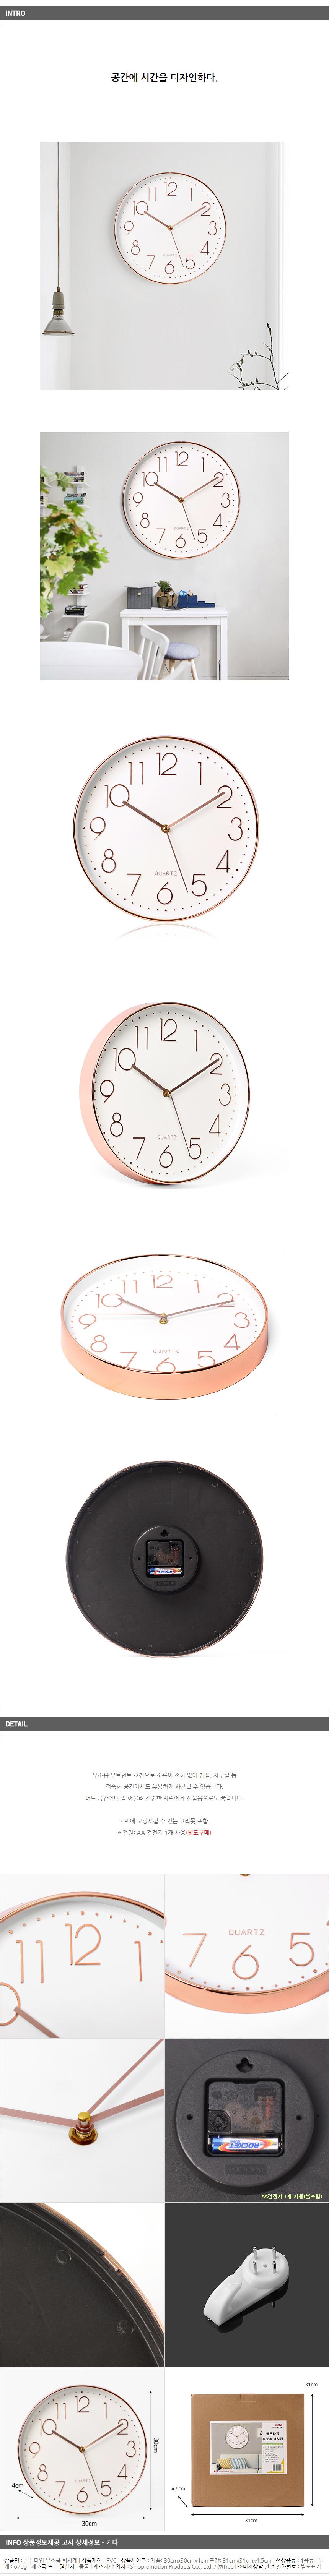 핑크 대형 무소음 벽시계 - 기프트갓, 15,450원, 벽시계, 디자인벽시계